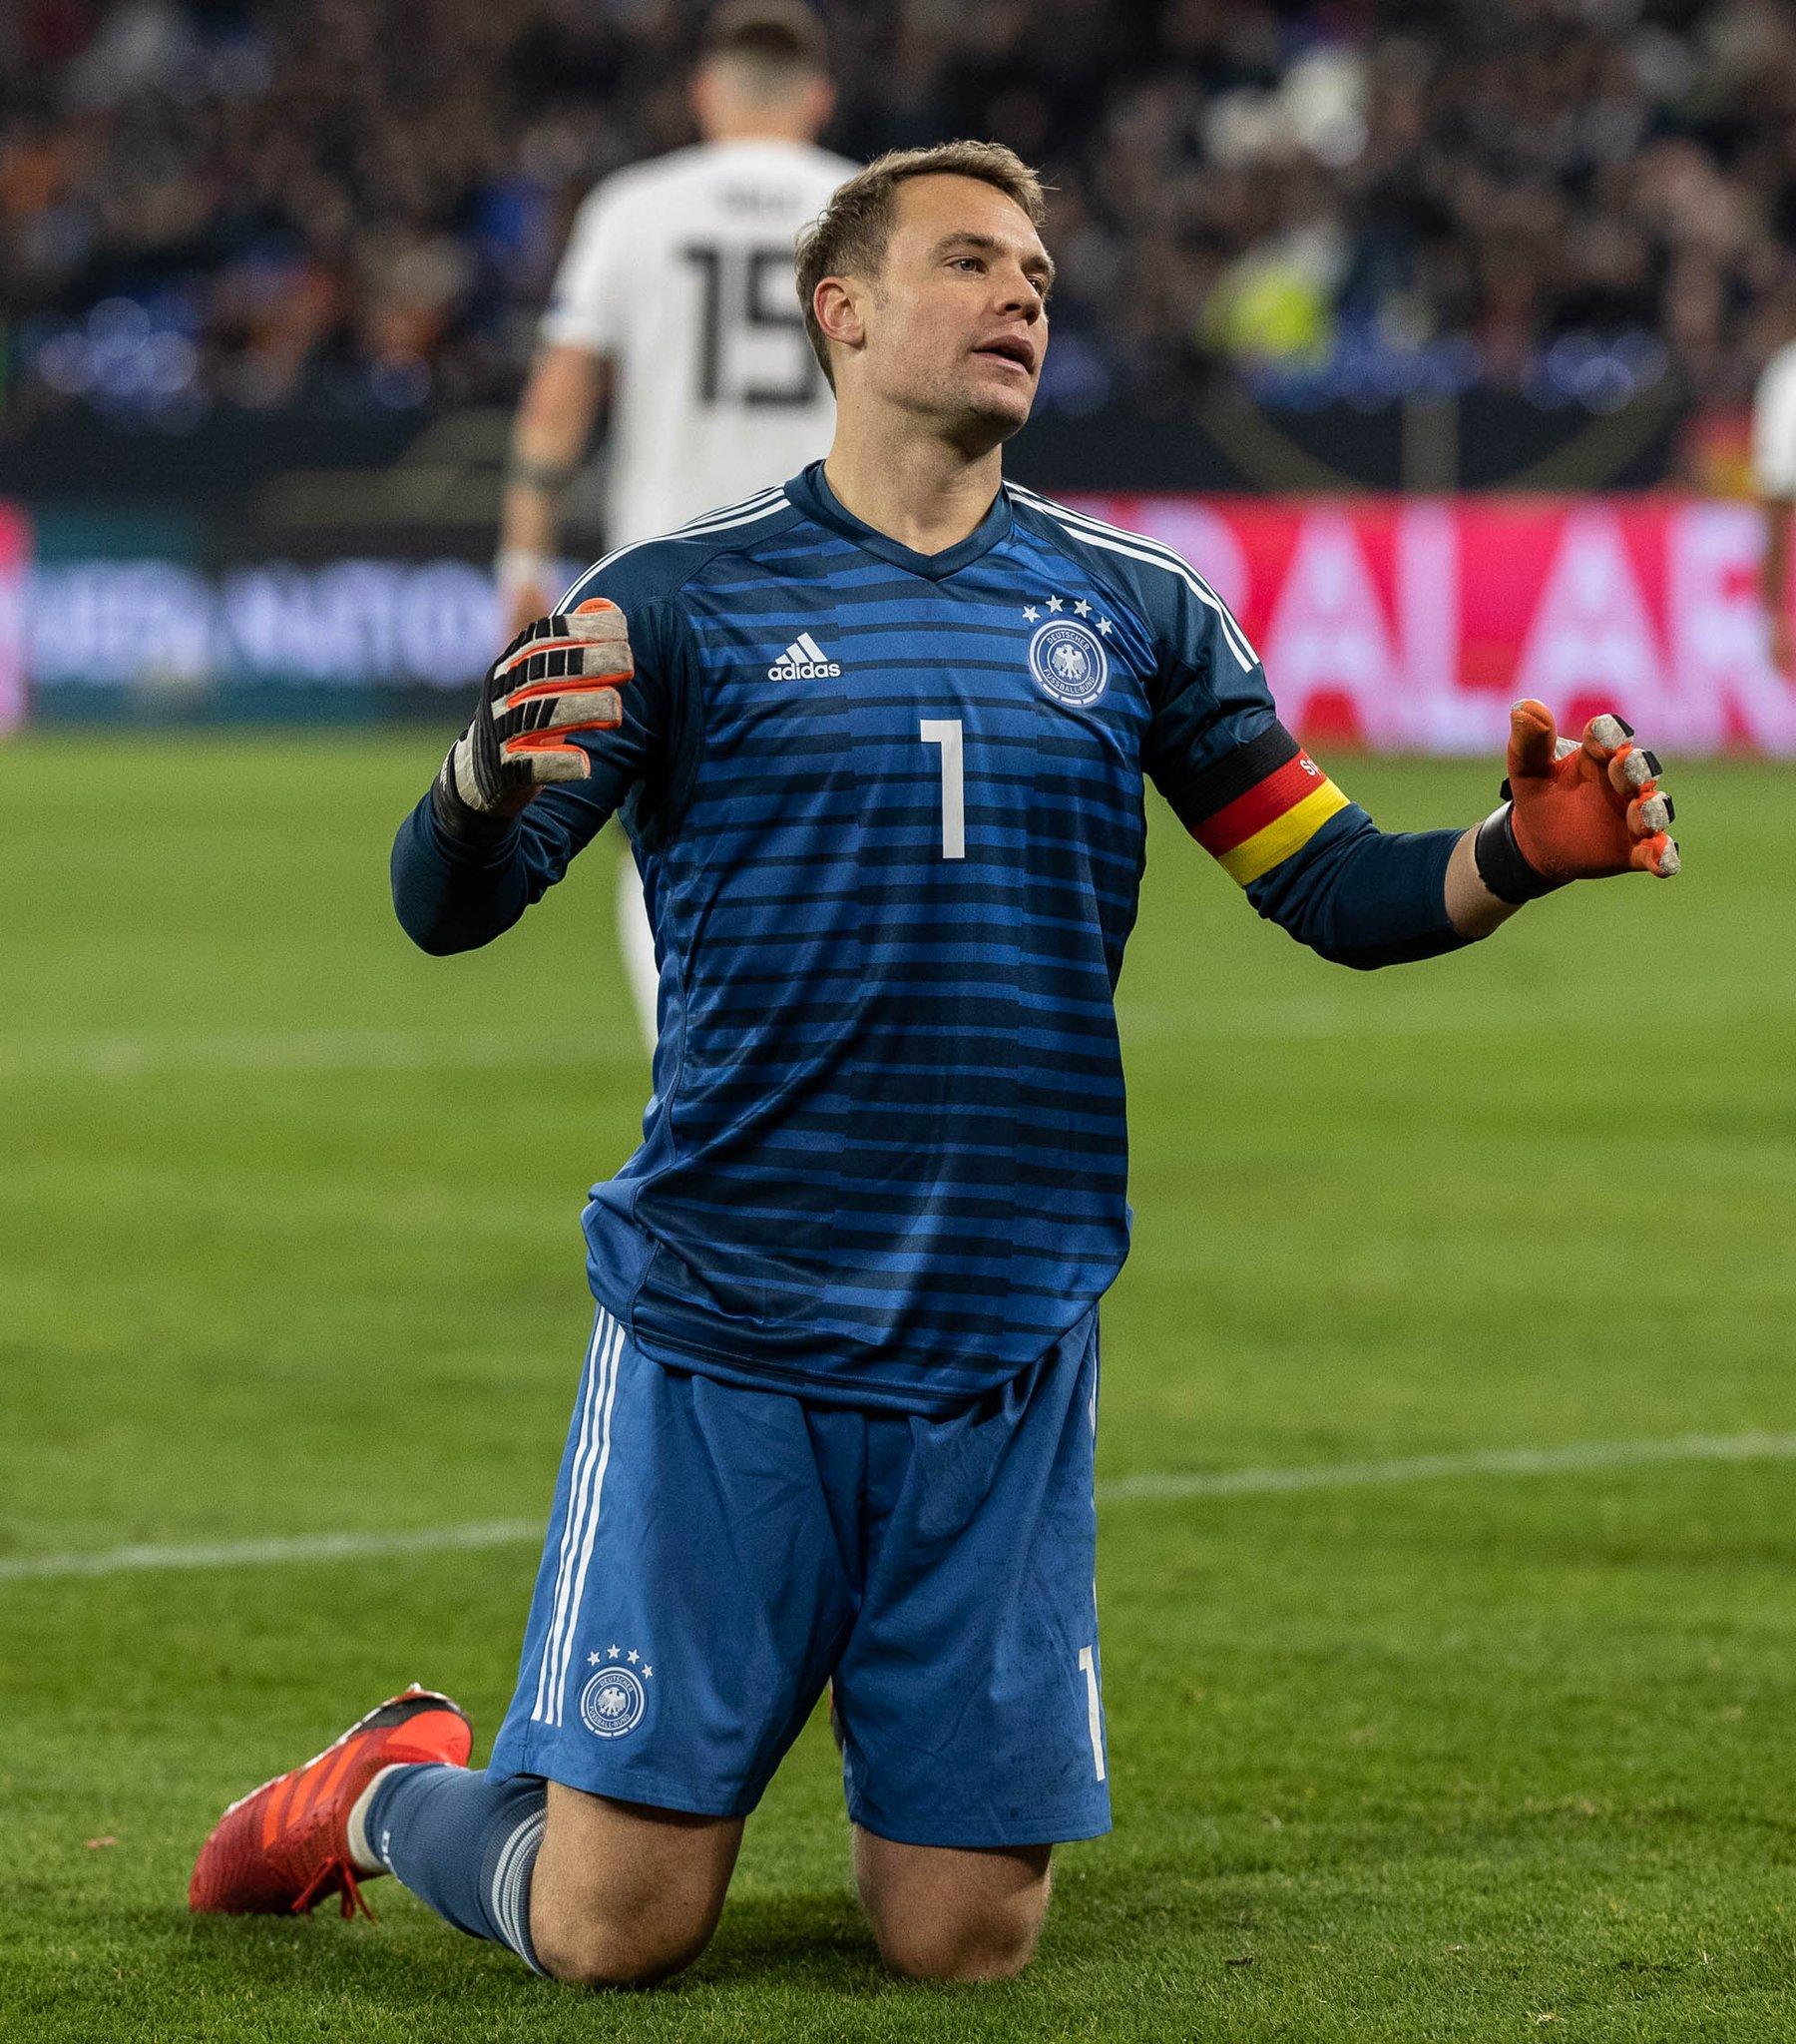 欧国联一场不胜, 德国或被波兰力压沦为欧预赛二档球队